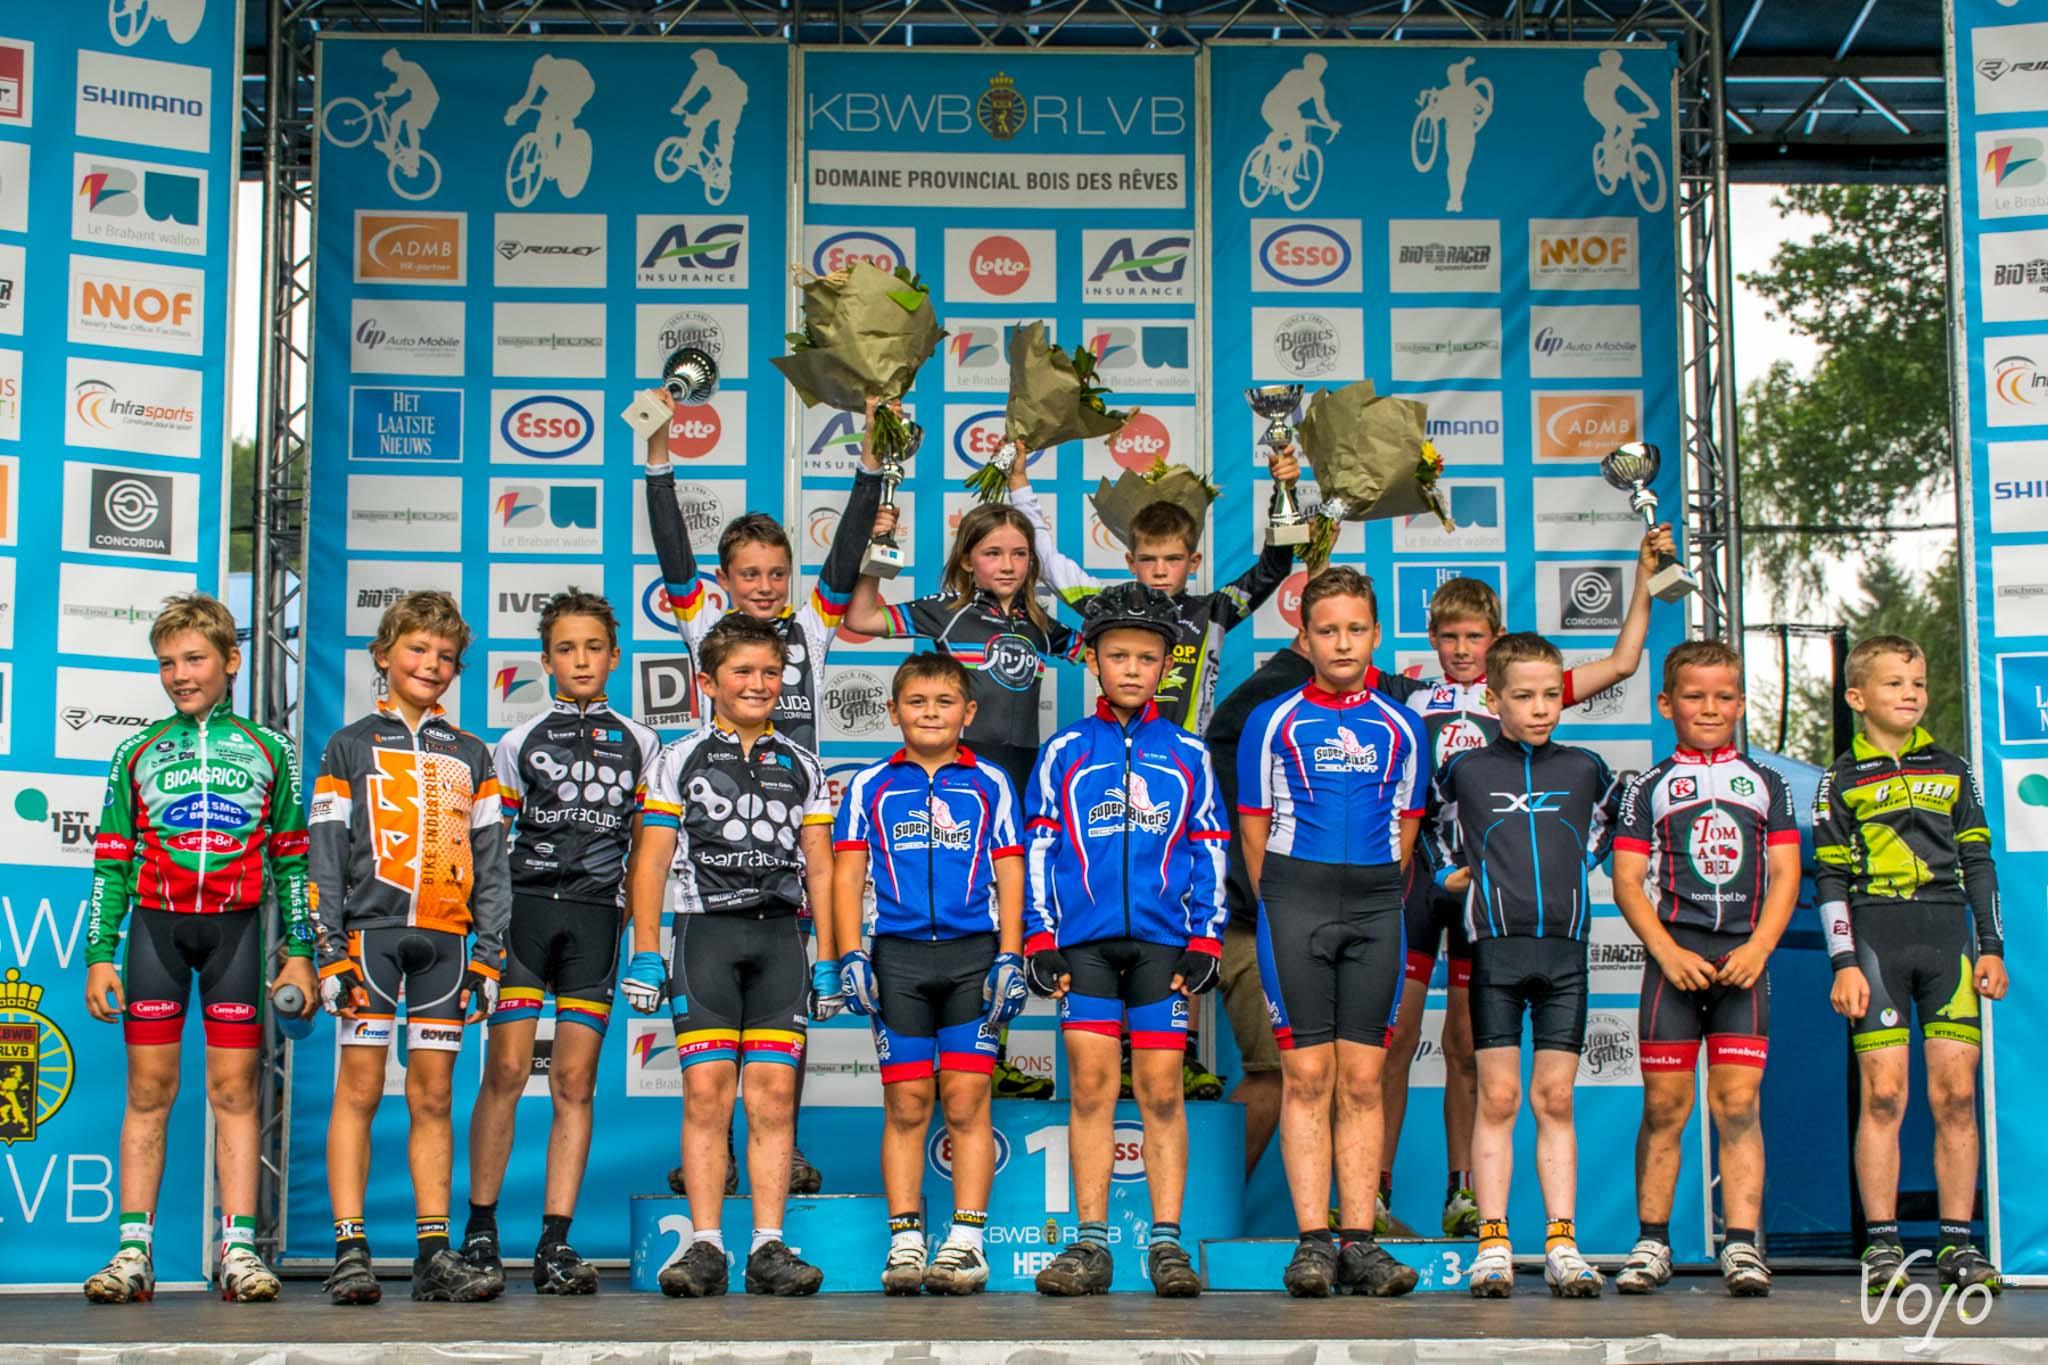 Kids_Championnat_Belgique_XC_2015_Copyright_OBontemps_VojoMag-6